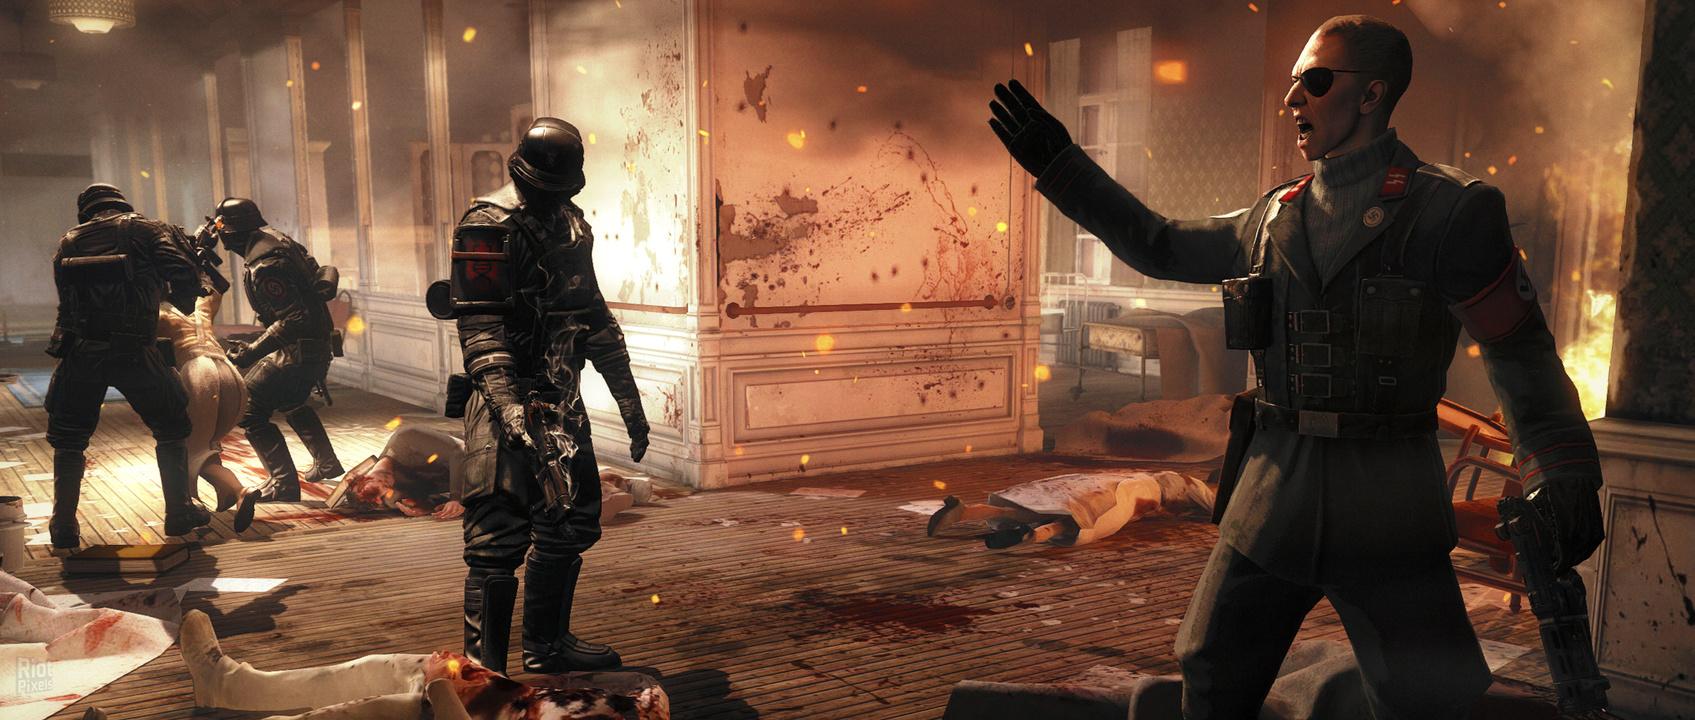 Wolfenstein: The New Order: Новые скриншоты